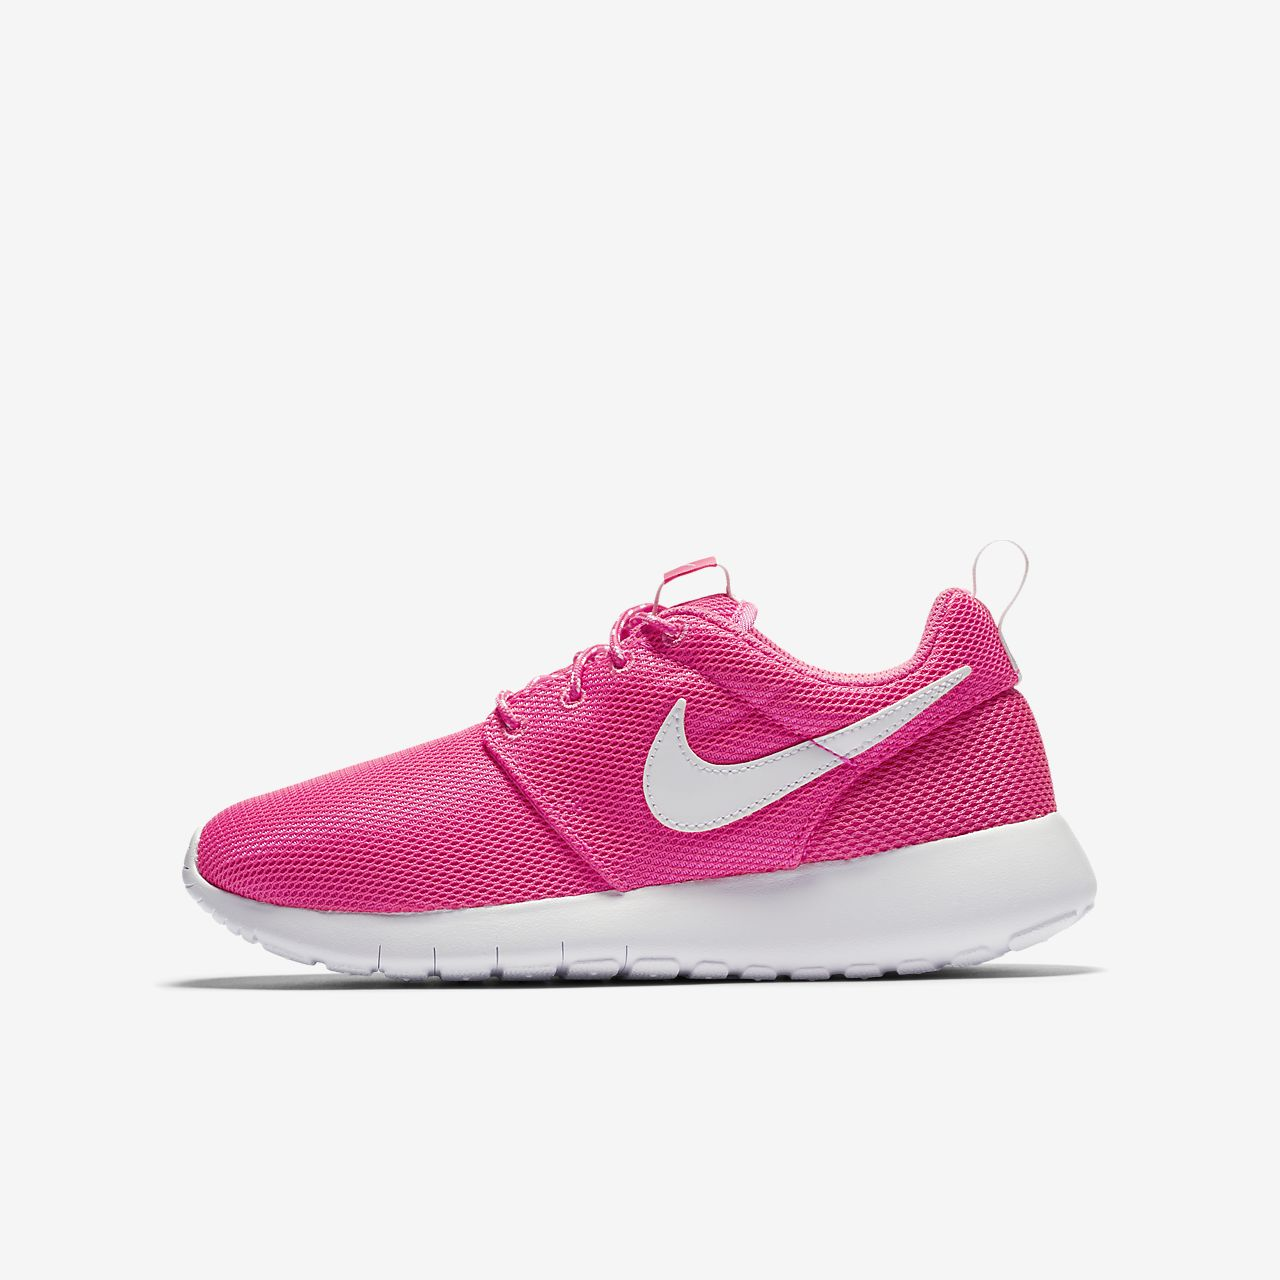 new concept ae910 72811 ... Nike Roshe One-sko til store børn